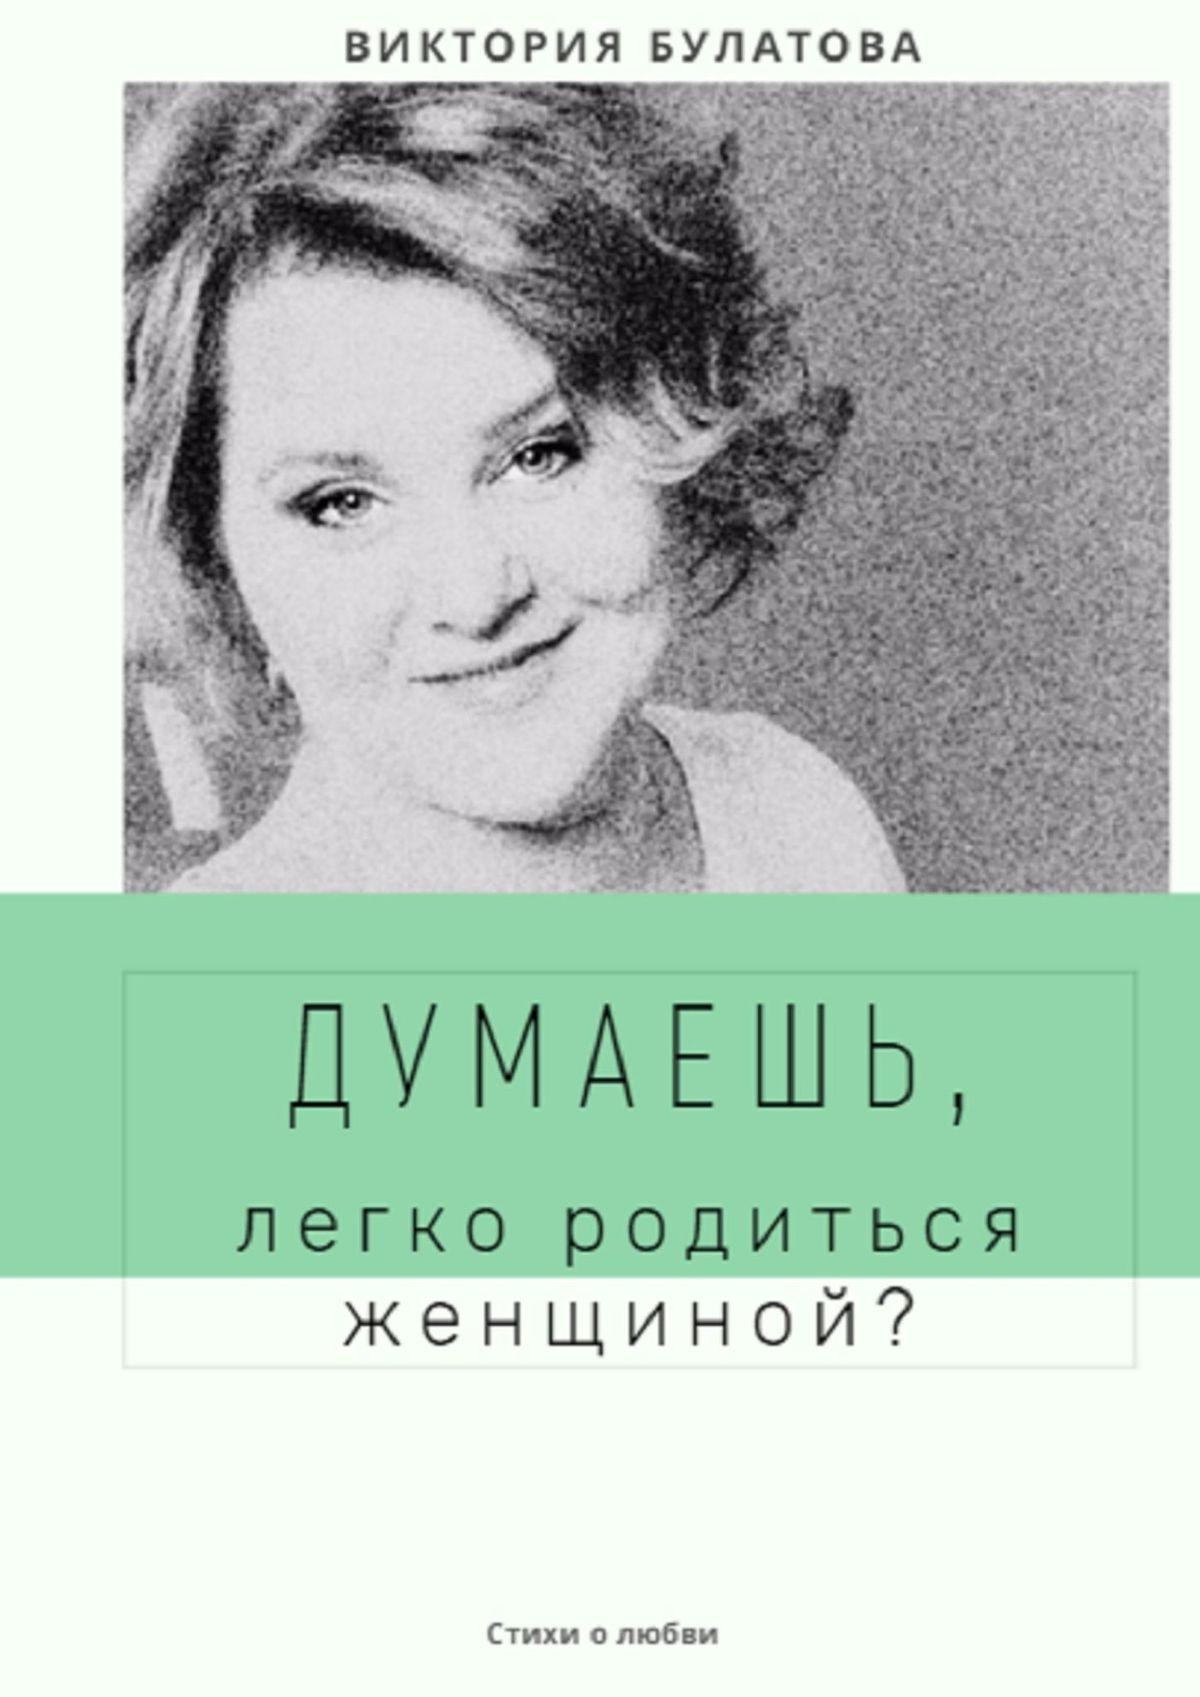 Виктория Анатольевна Булатова. Думаешь, легко родиться женщиной?